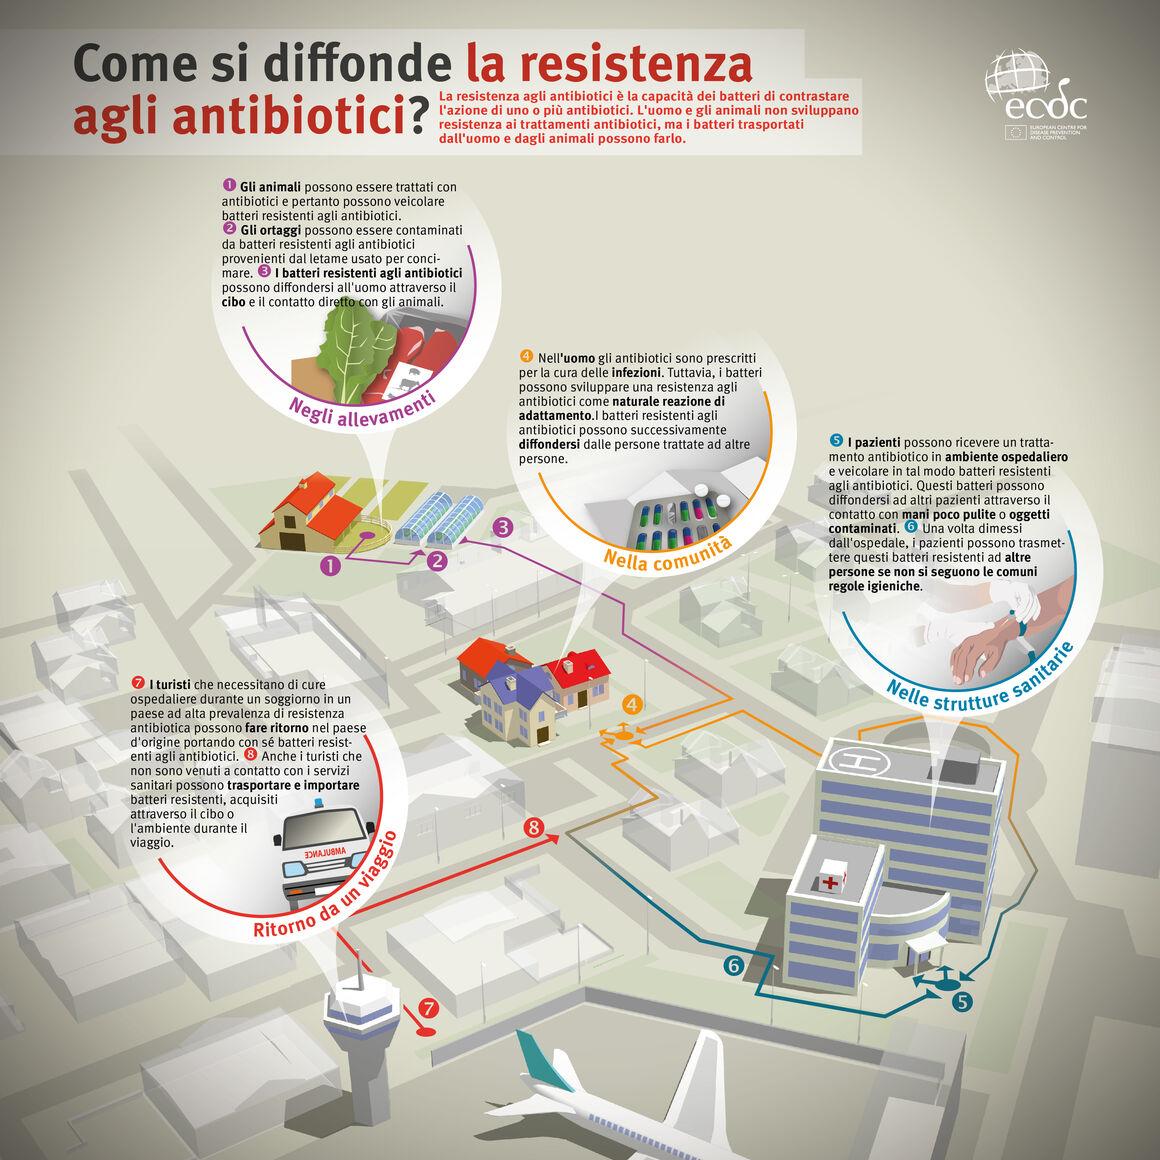 Come si diffonde la resistenza agli antibiotici?